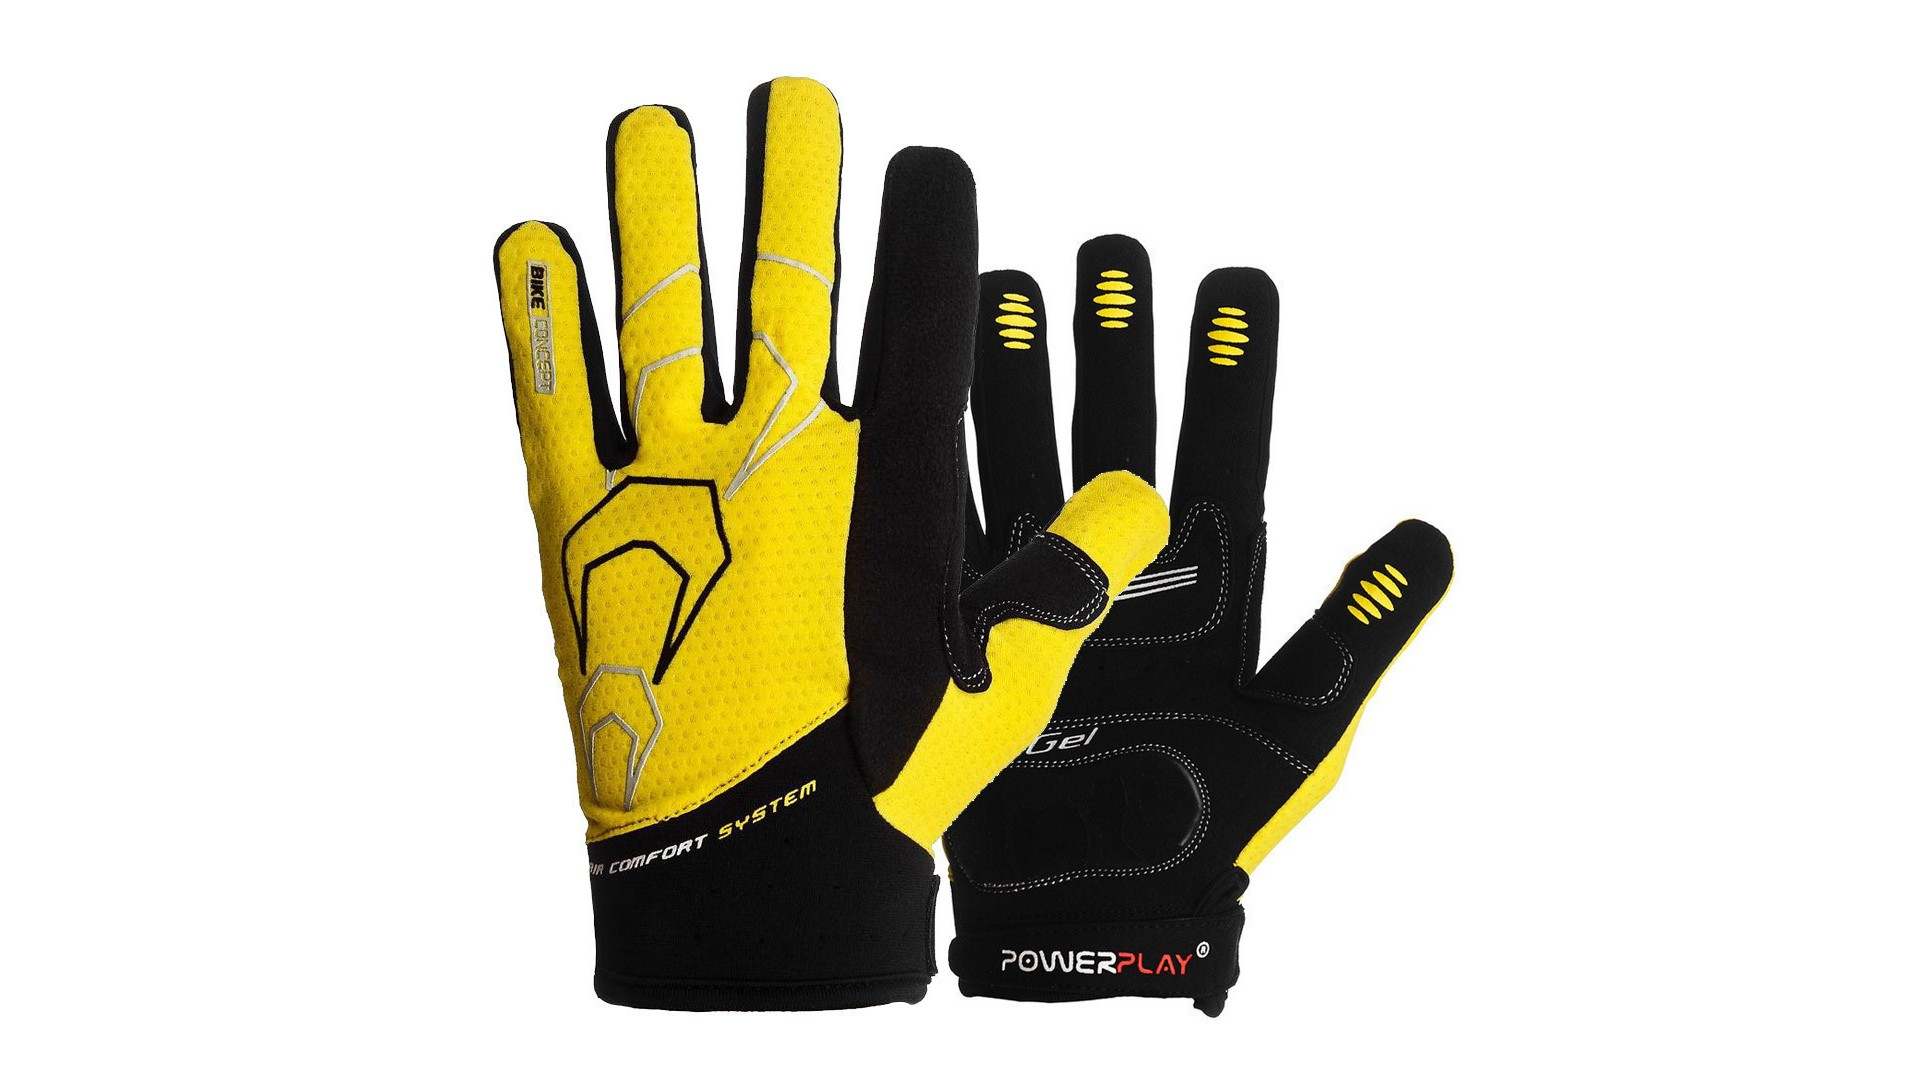 Велоперчатки PowerPlay 6556 летние длинный палец желто-черные